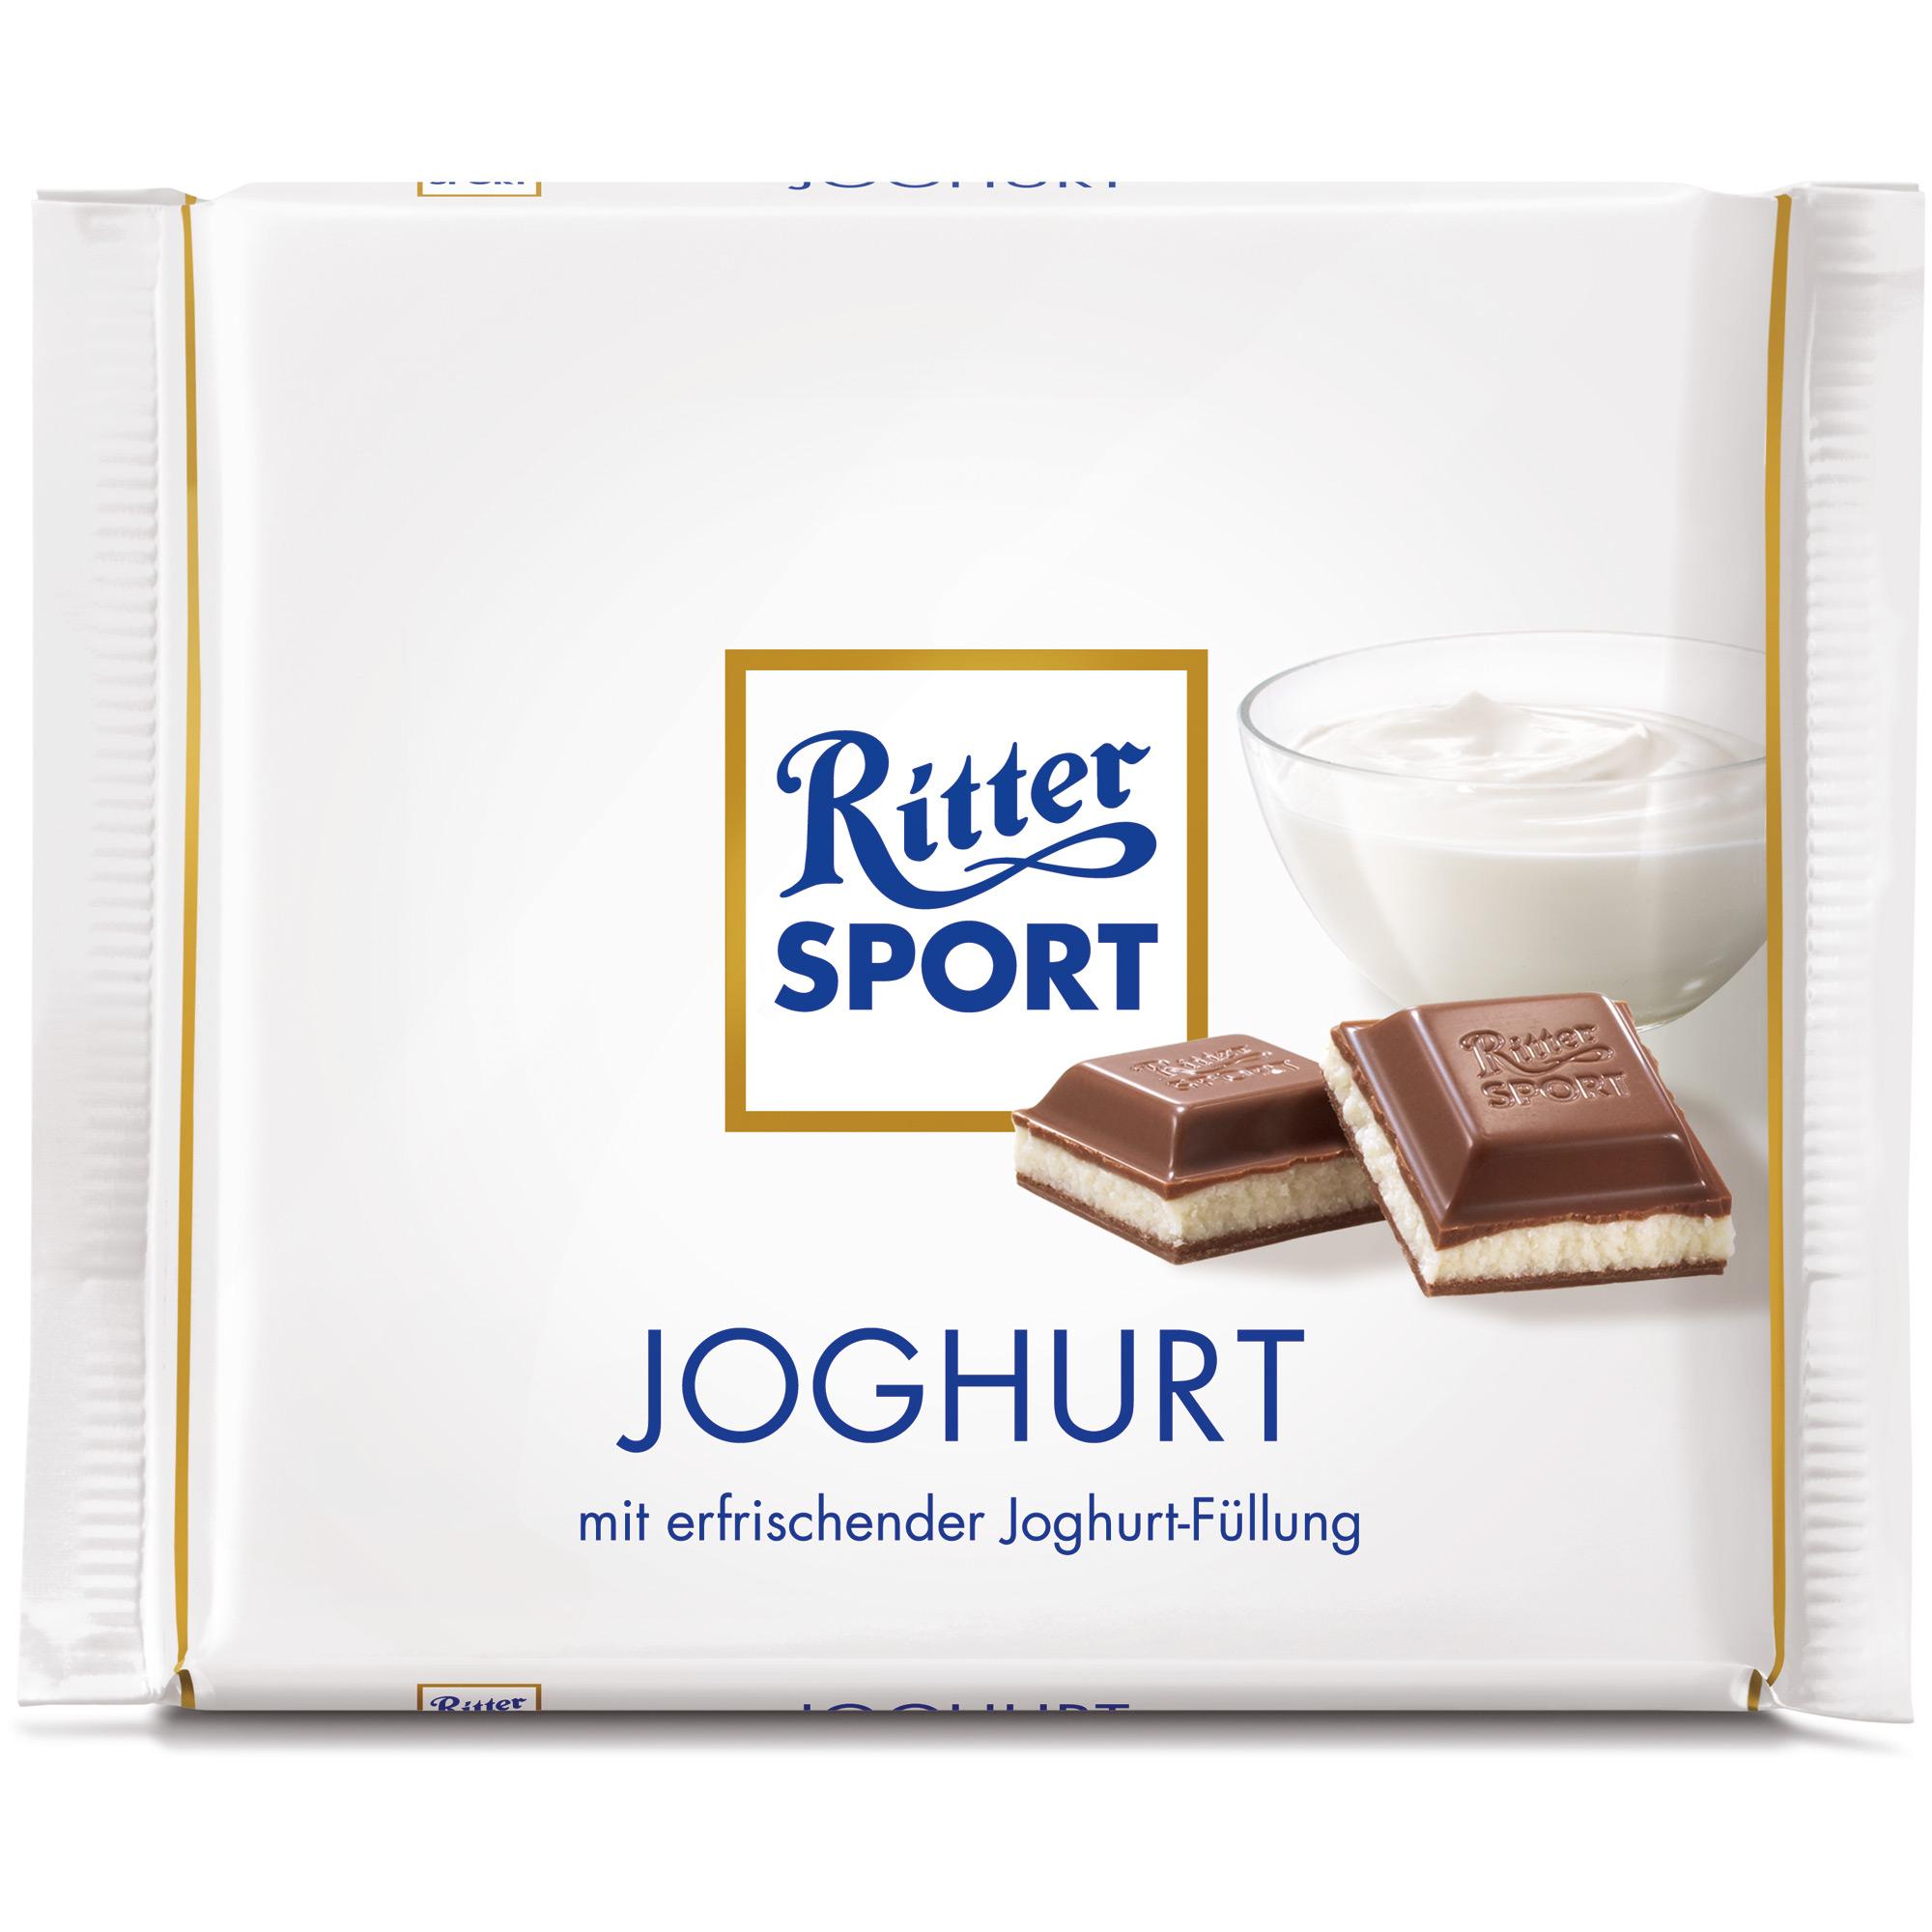 Außergewöhnlich Ritter Sport Joghurt